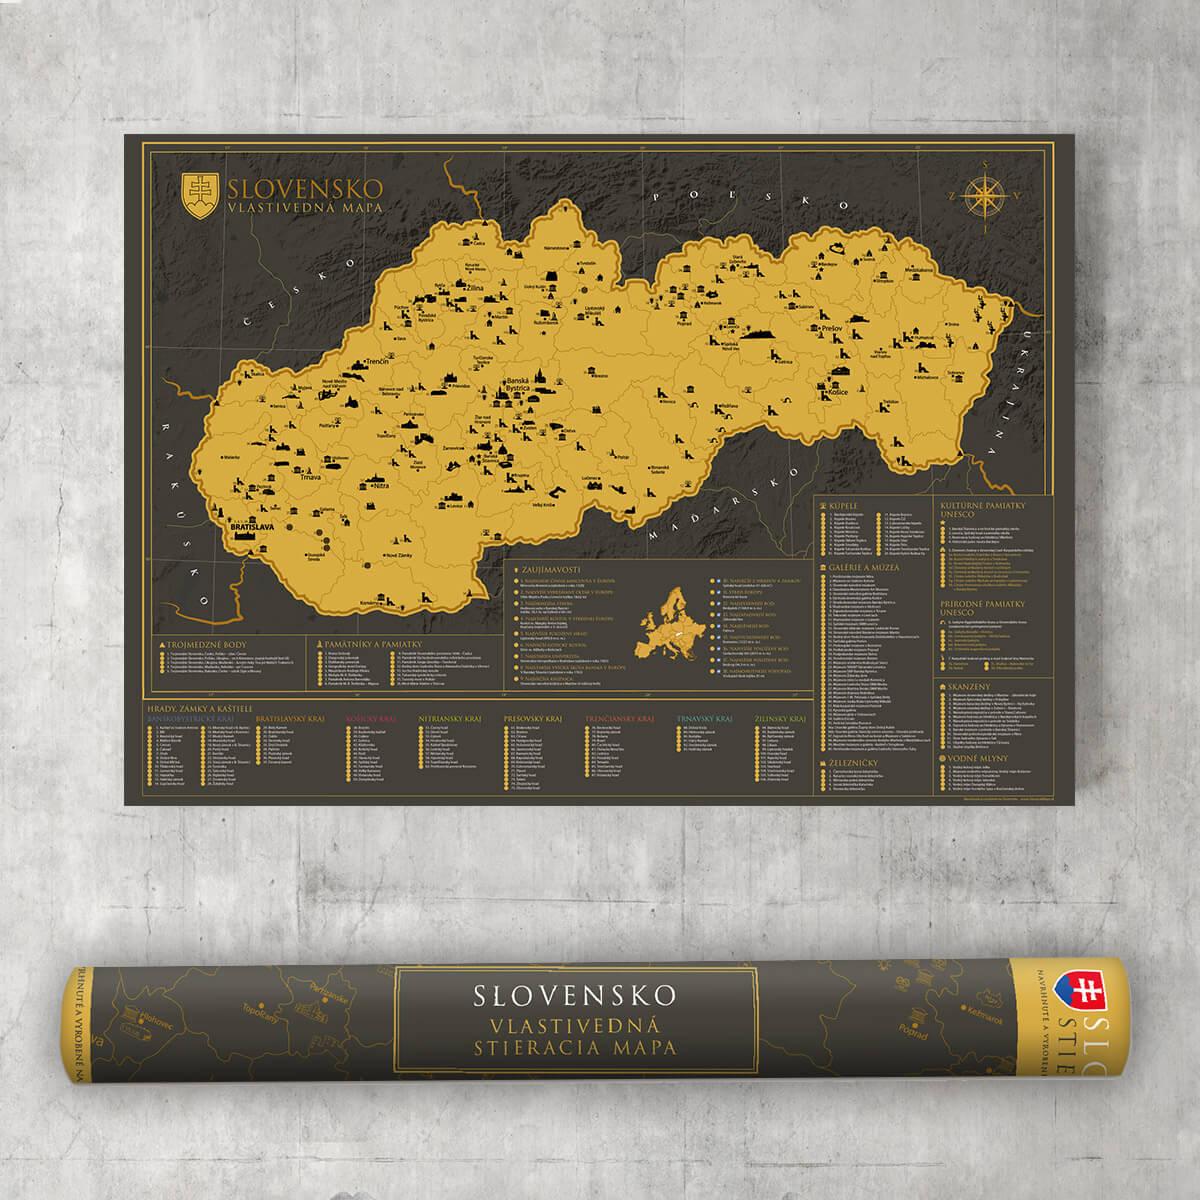 Stieracia mapa Slovenska vlastivedná - darčeková verzia